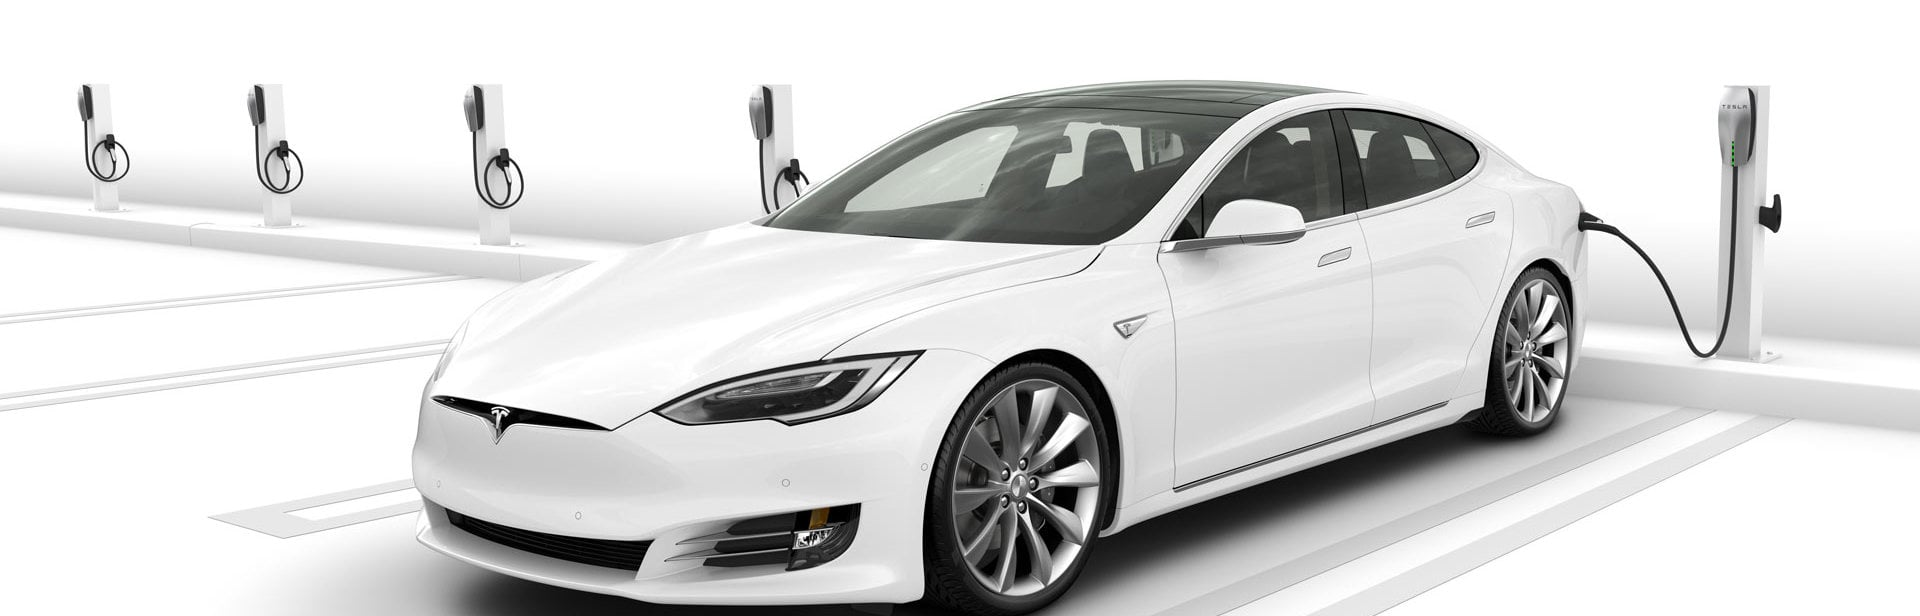 Stazione di ricarica Tesla